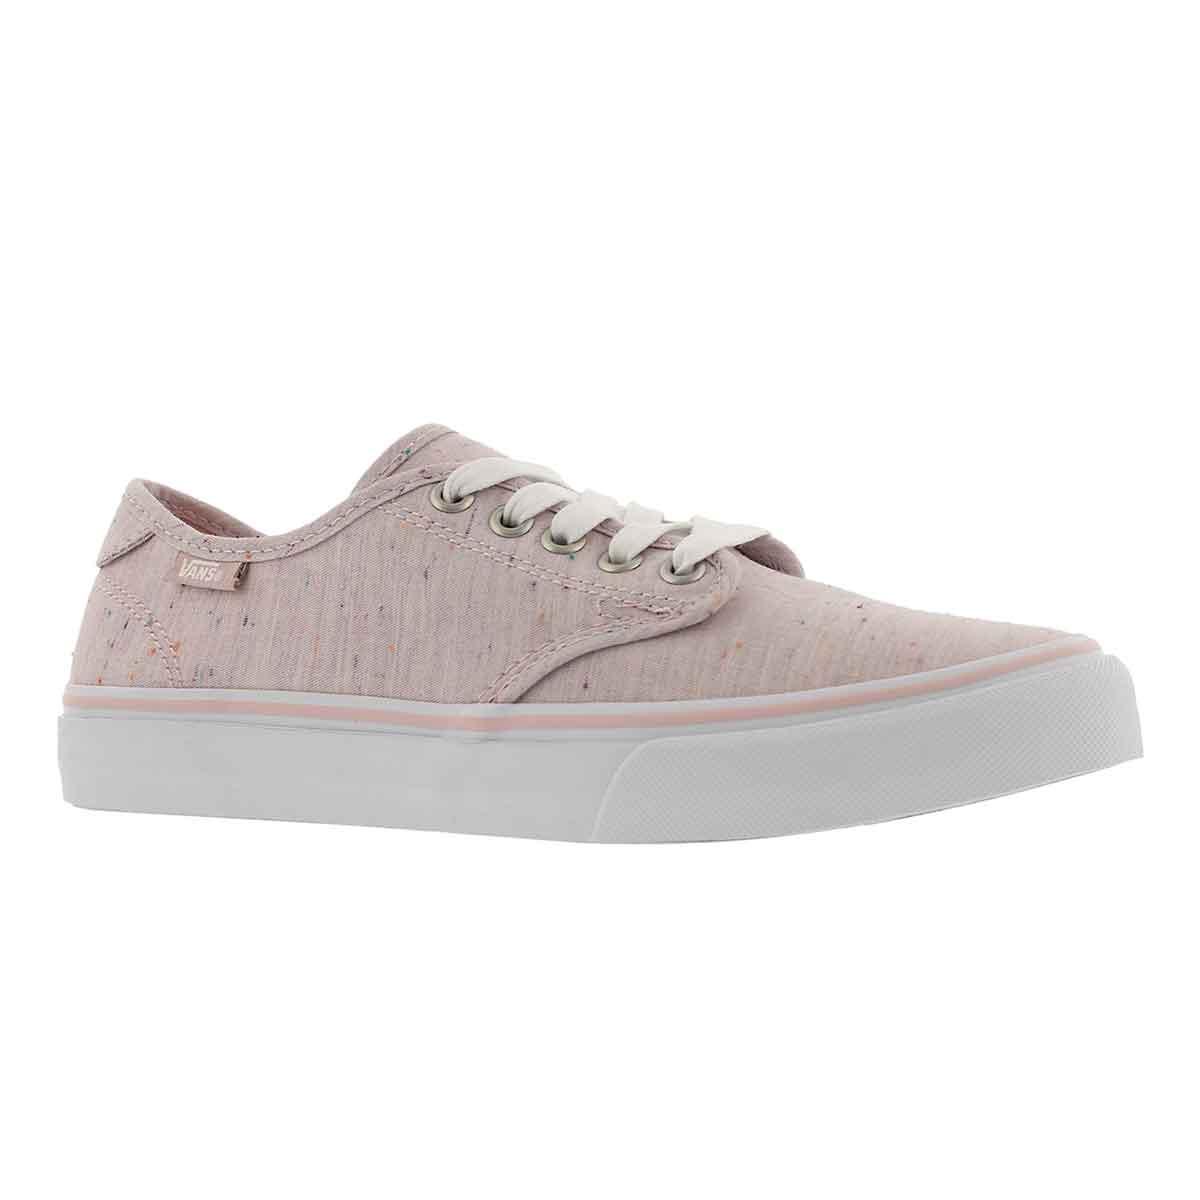 e4c8a127e7 Vans Women s CAMDEN DELUXE pink laceup sneake